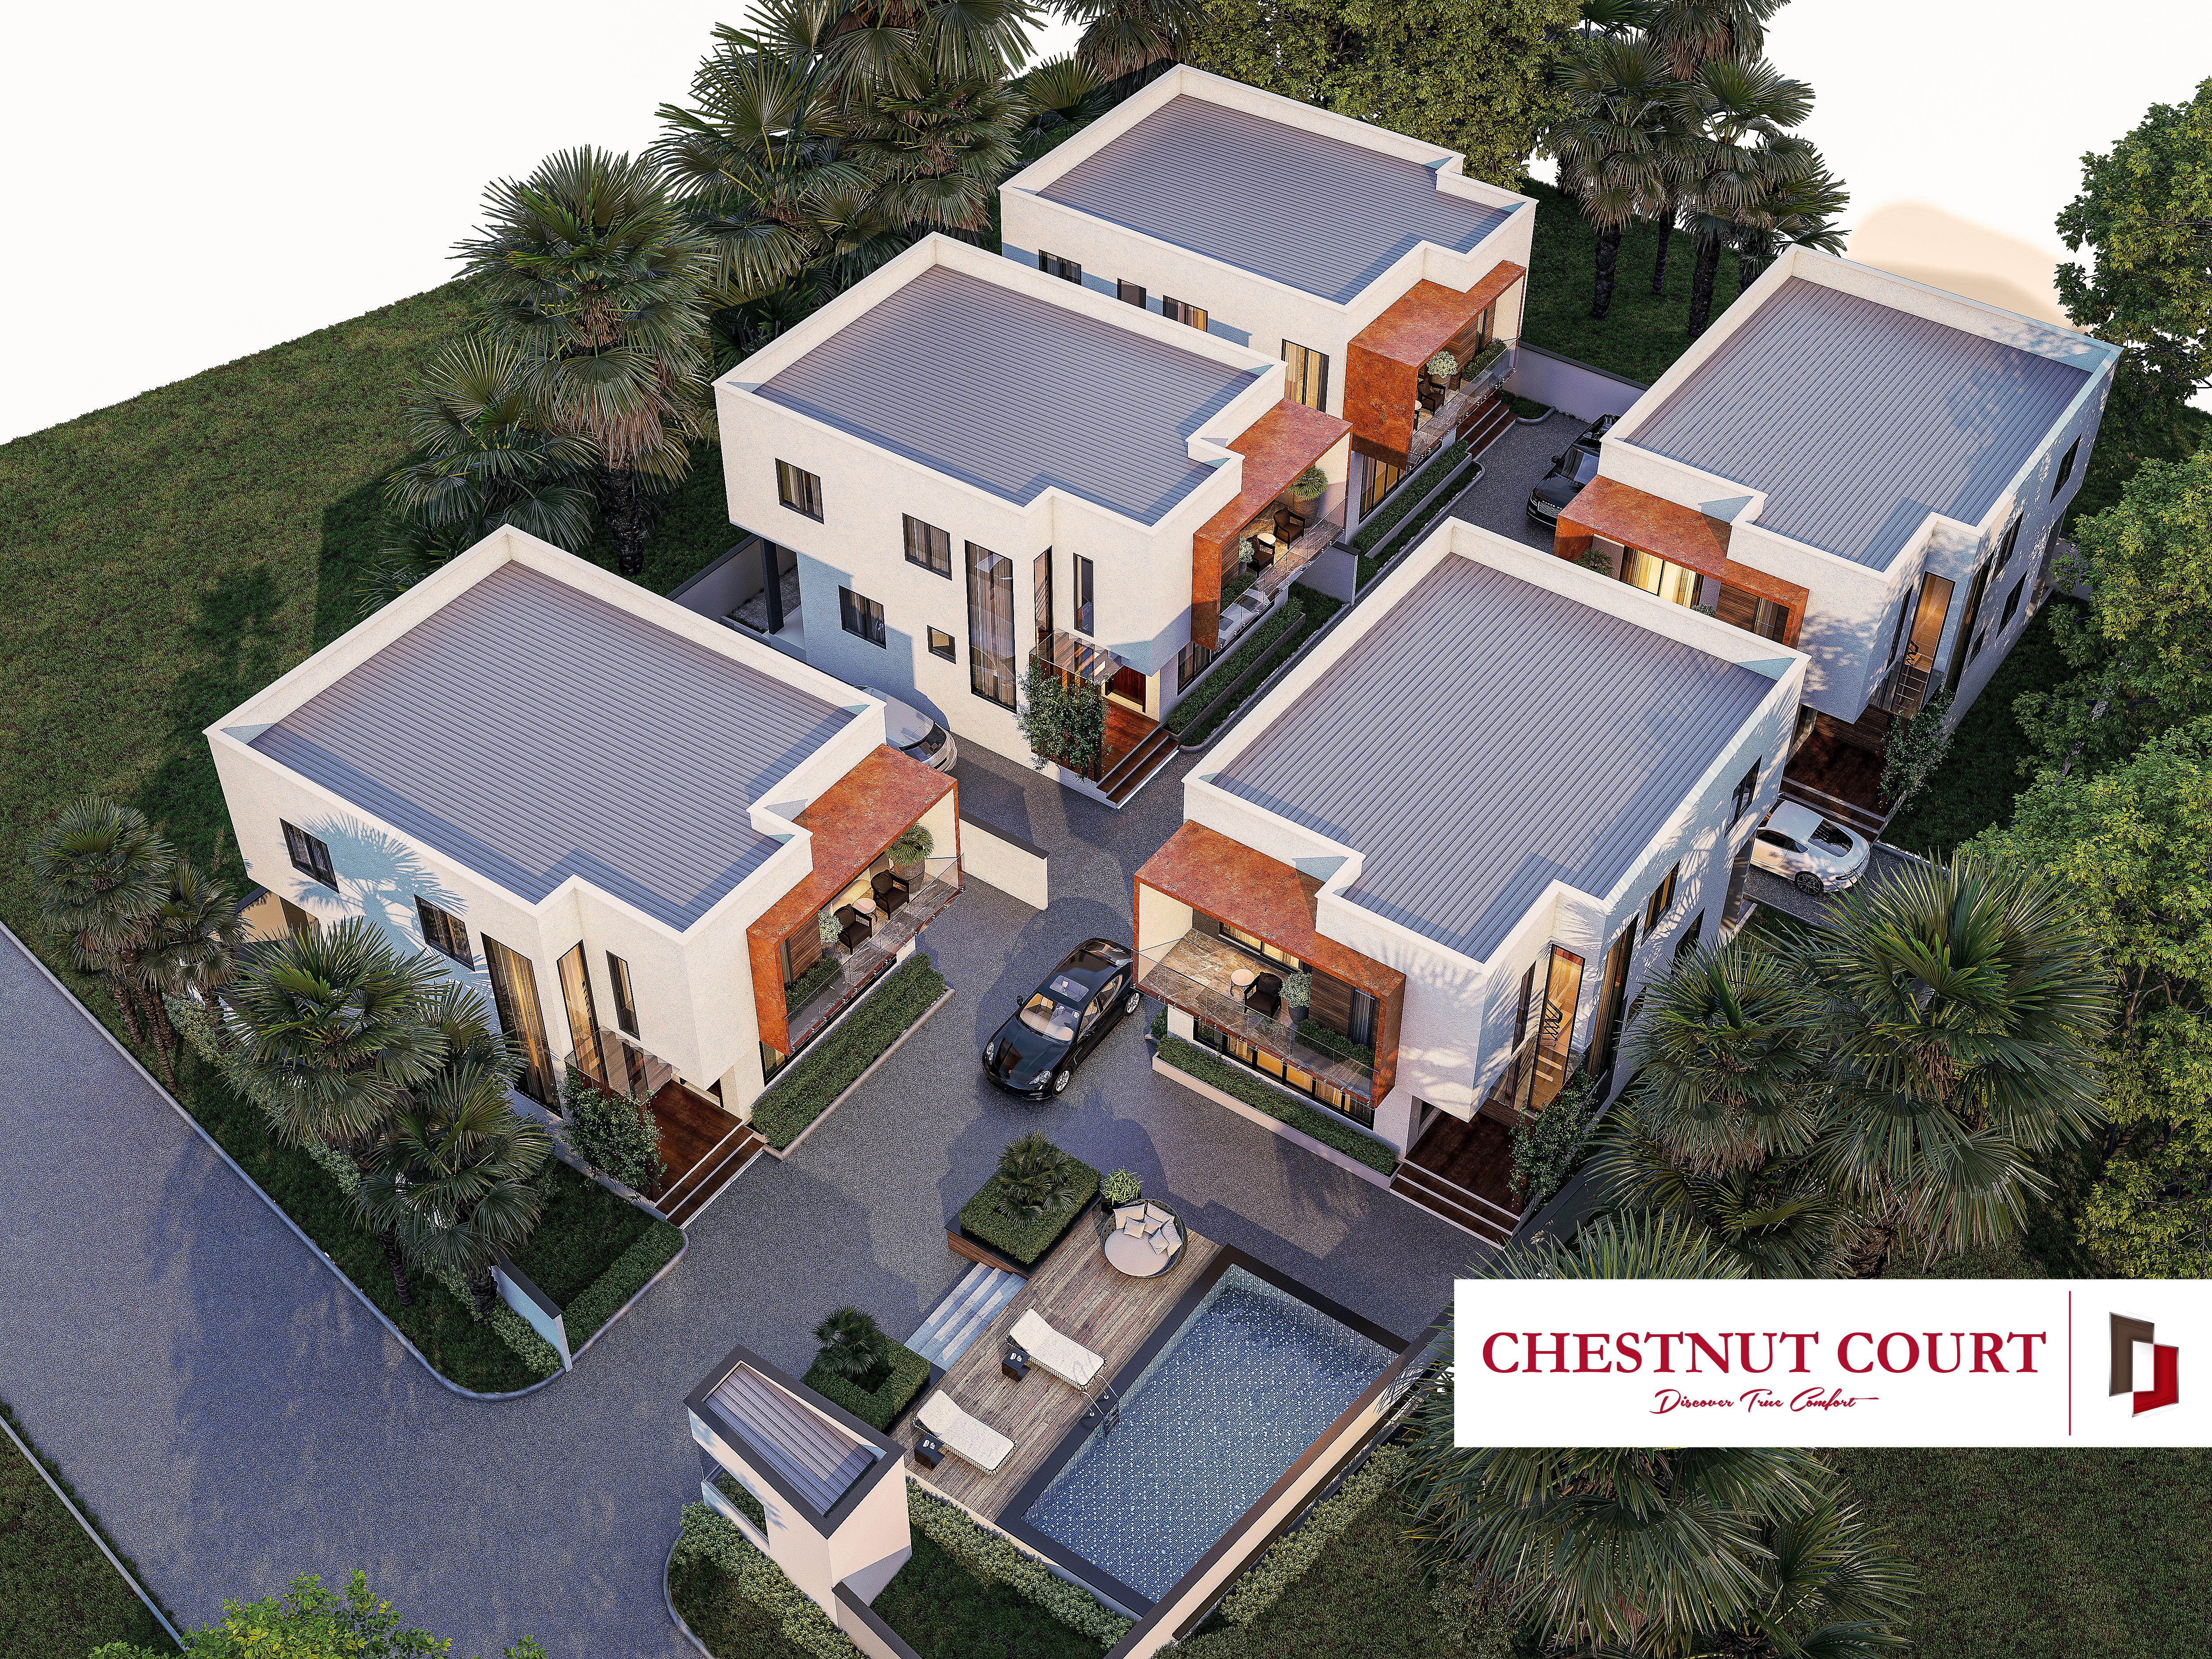 Chestnut Court - Dzorwulu, Accra